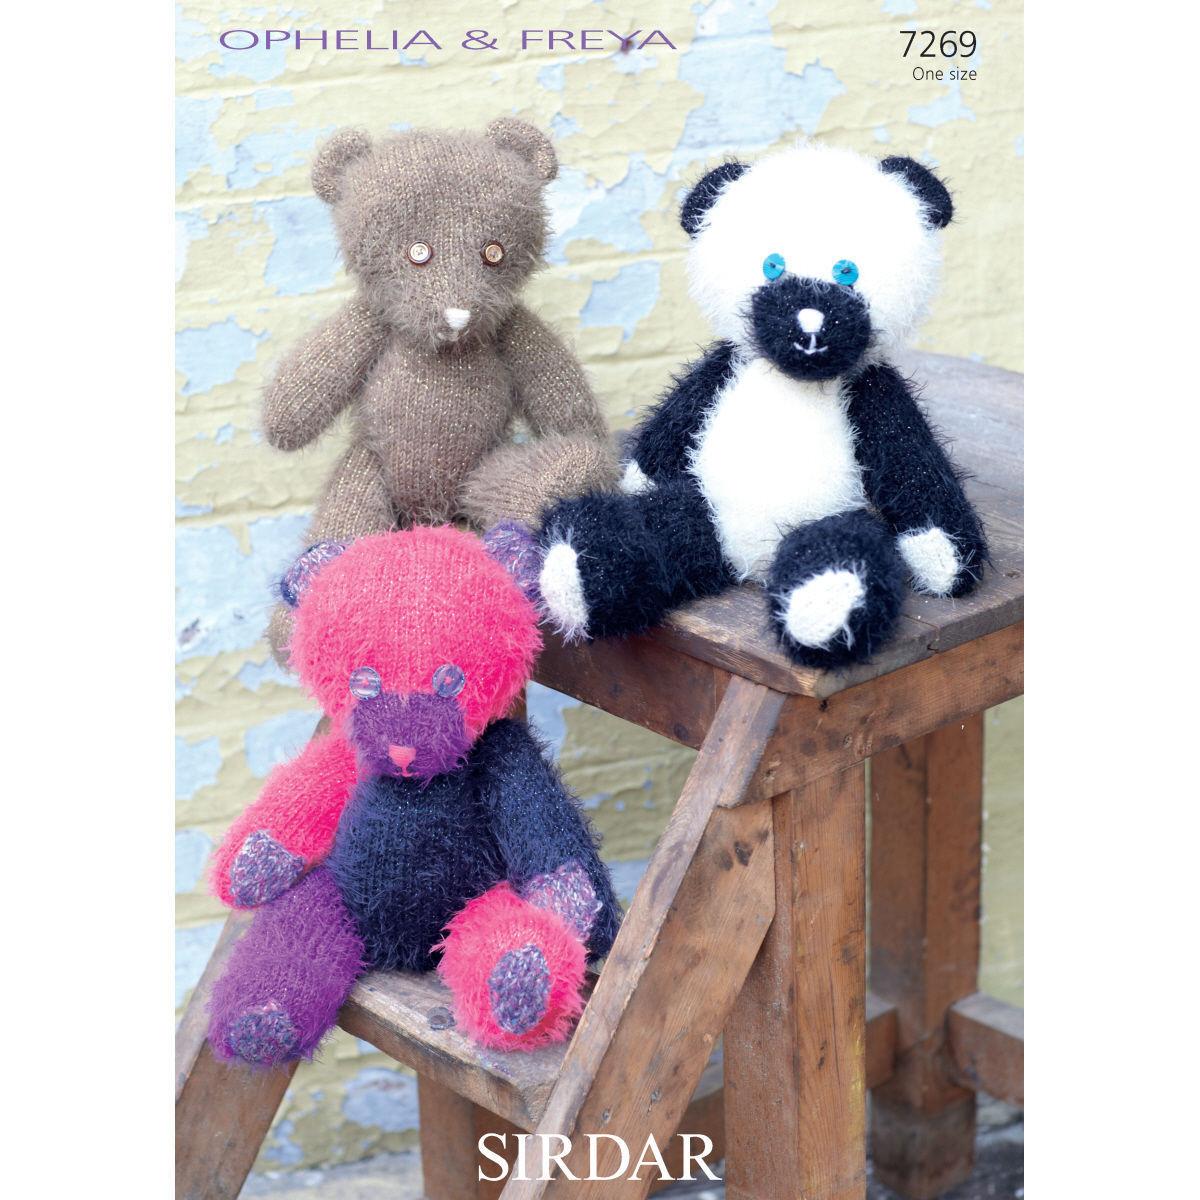 7269 - SIRDAR OPHELIA & FREYA TEDDY BEAR KNITTING PATTERN - ONE SIZE